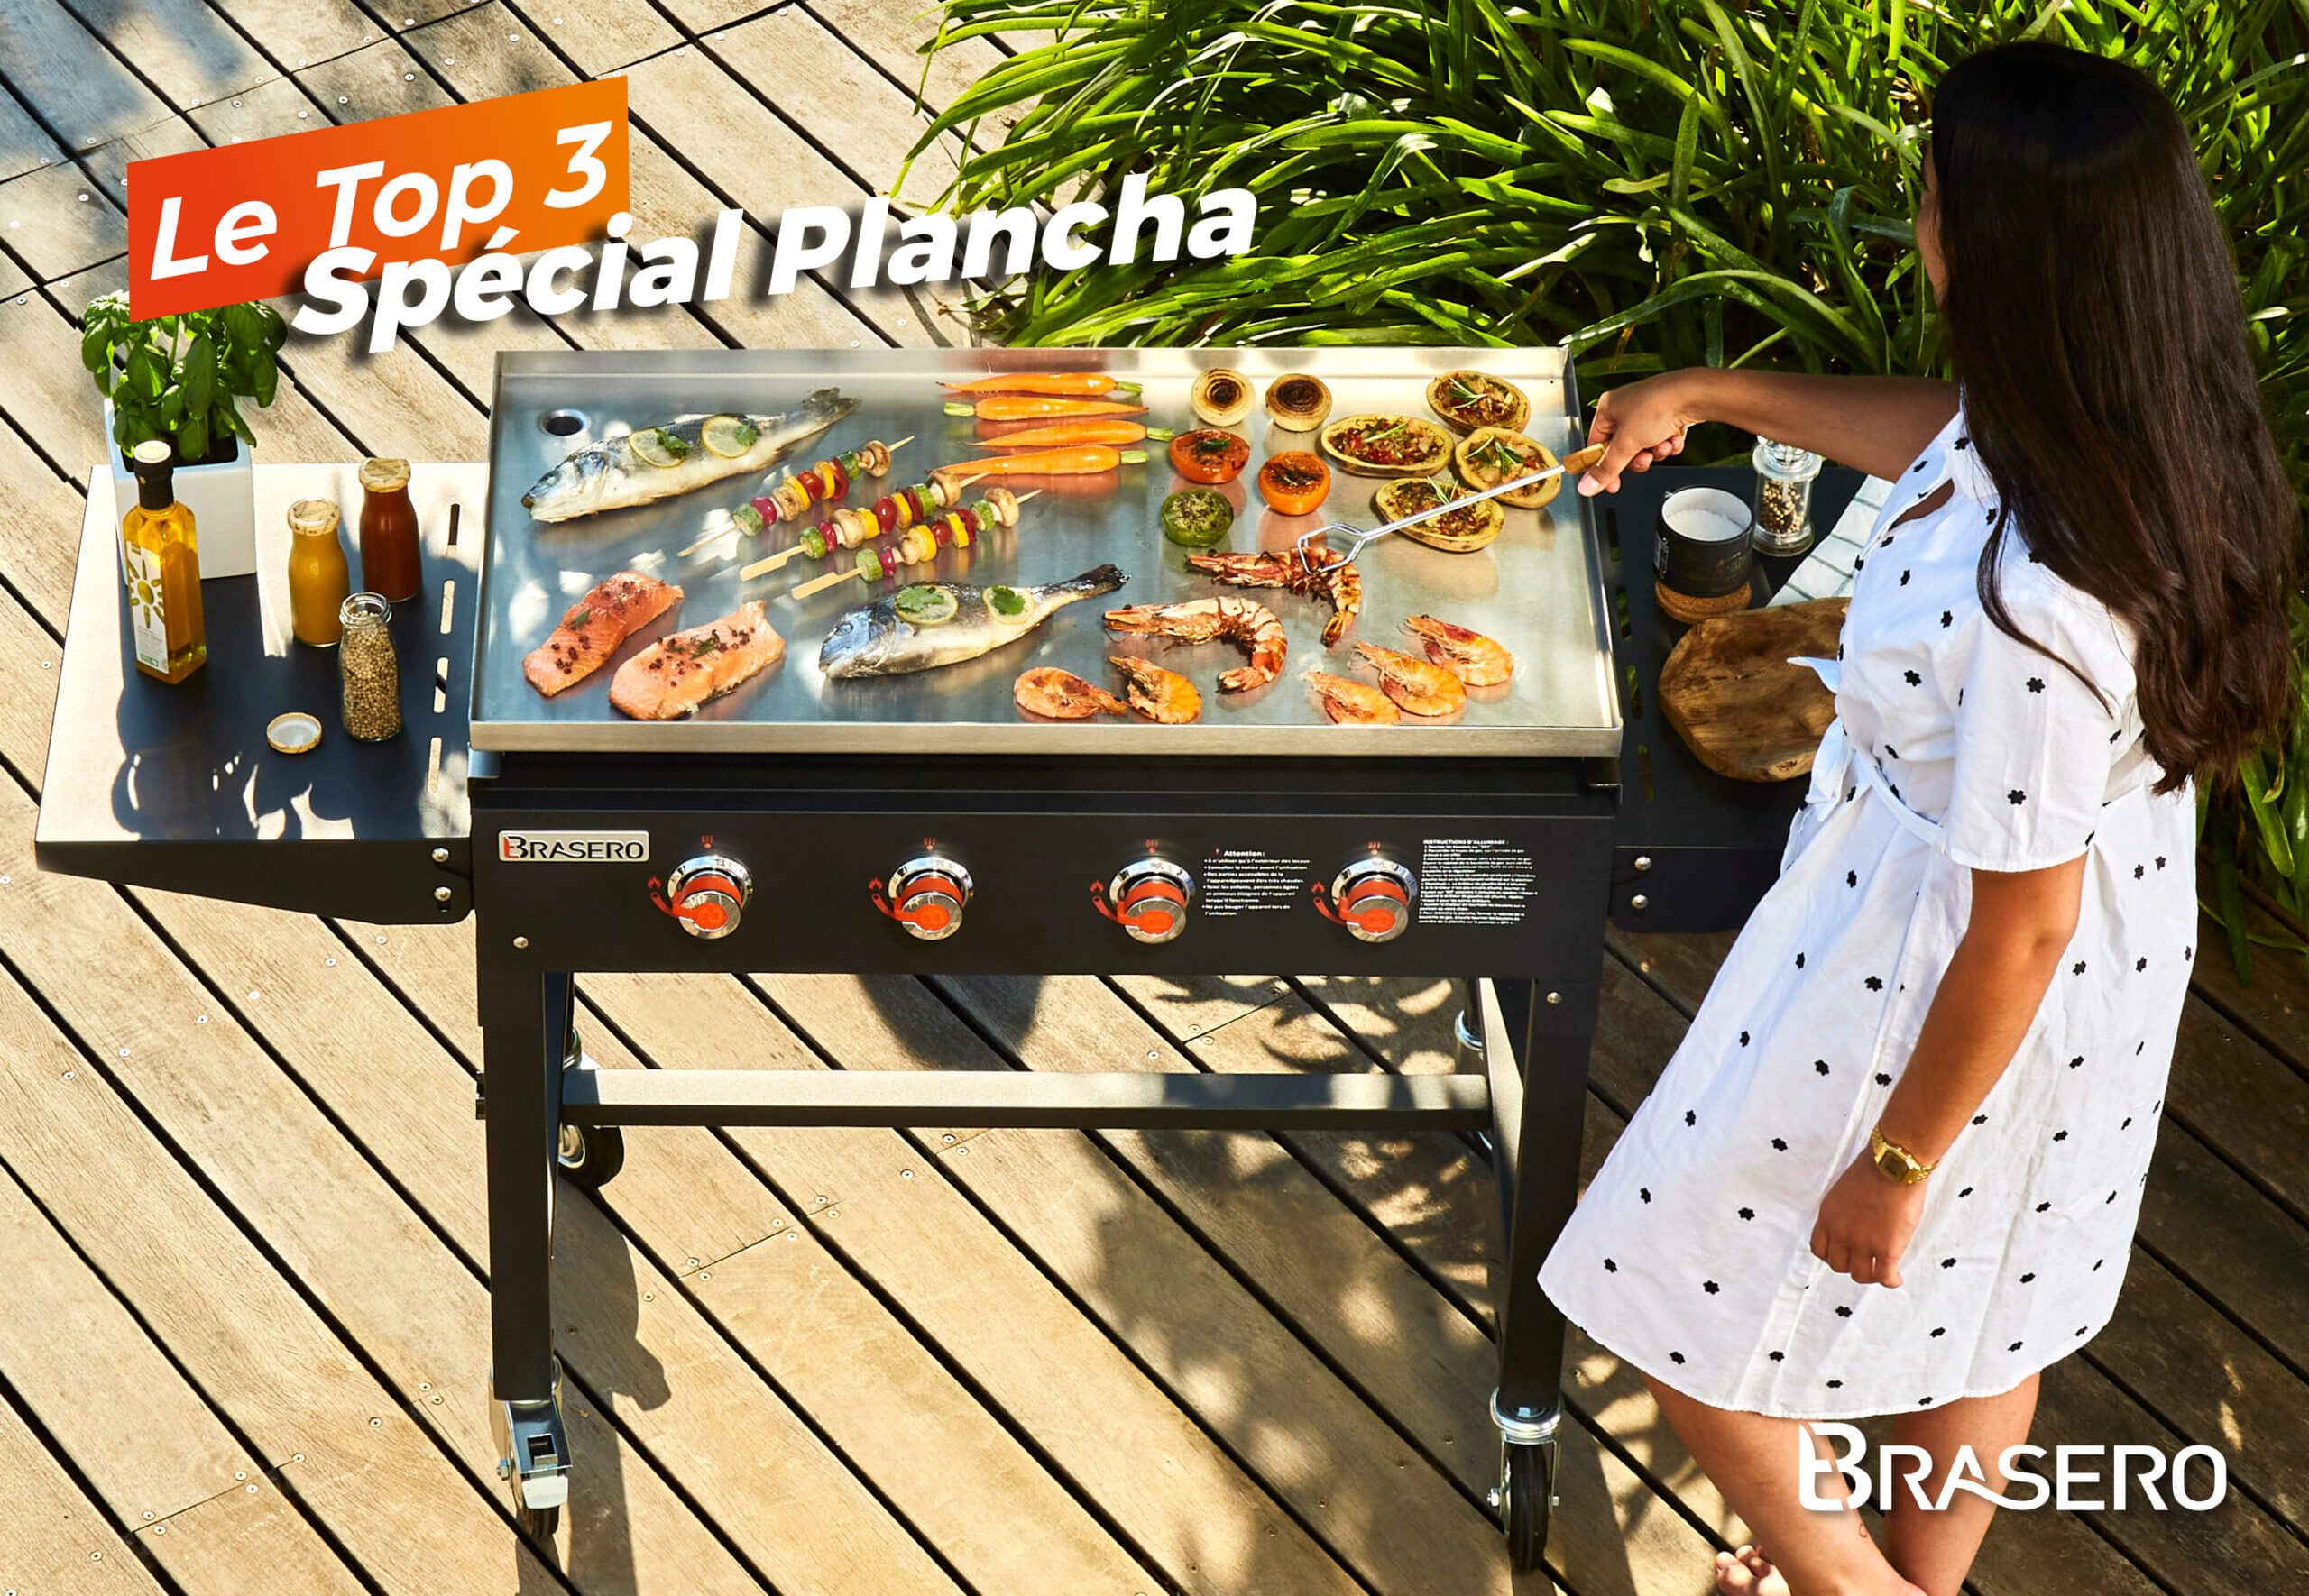 TOP 3 Plancha BRASERO